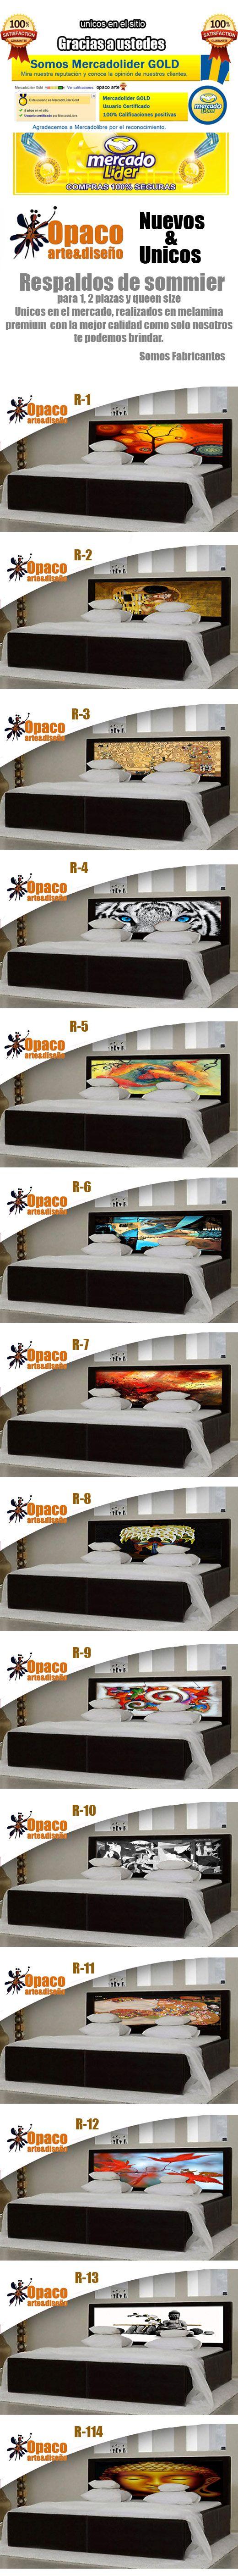 Respaldos De Sommier Unicos 1 Plaza 2 Plazas Queen Size - $ 1.499,99 en MercadoLibre